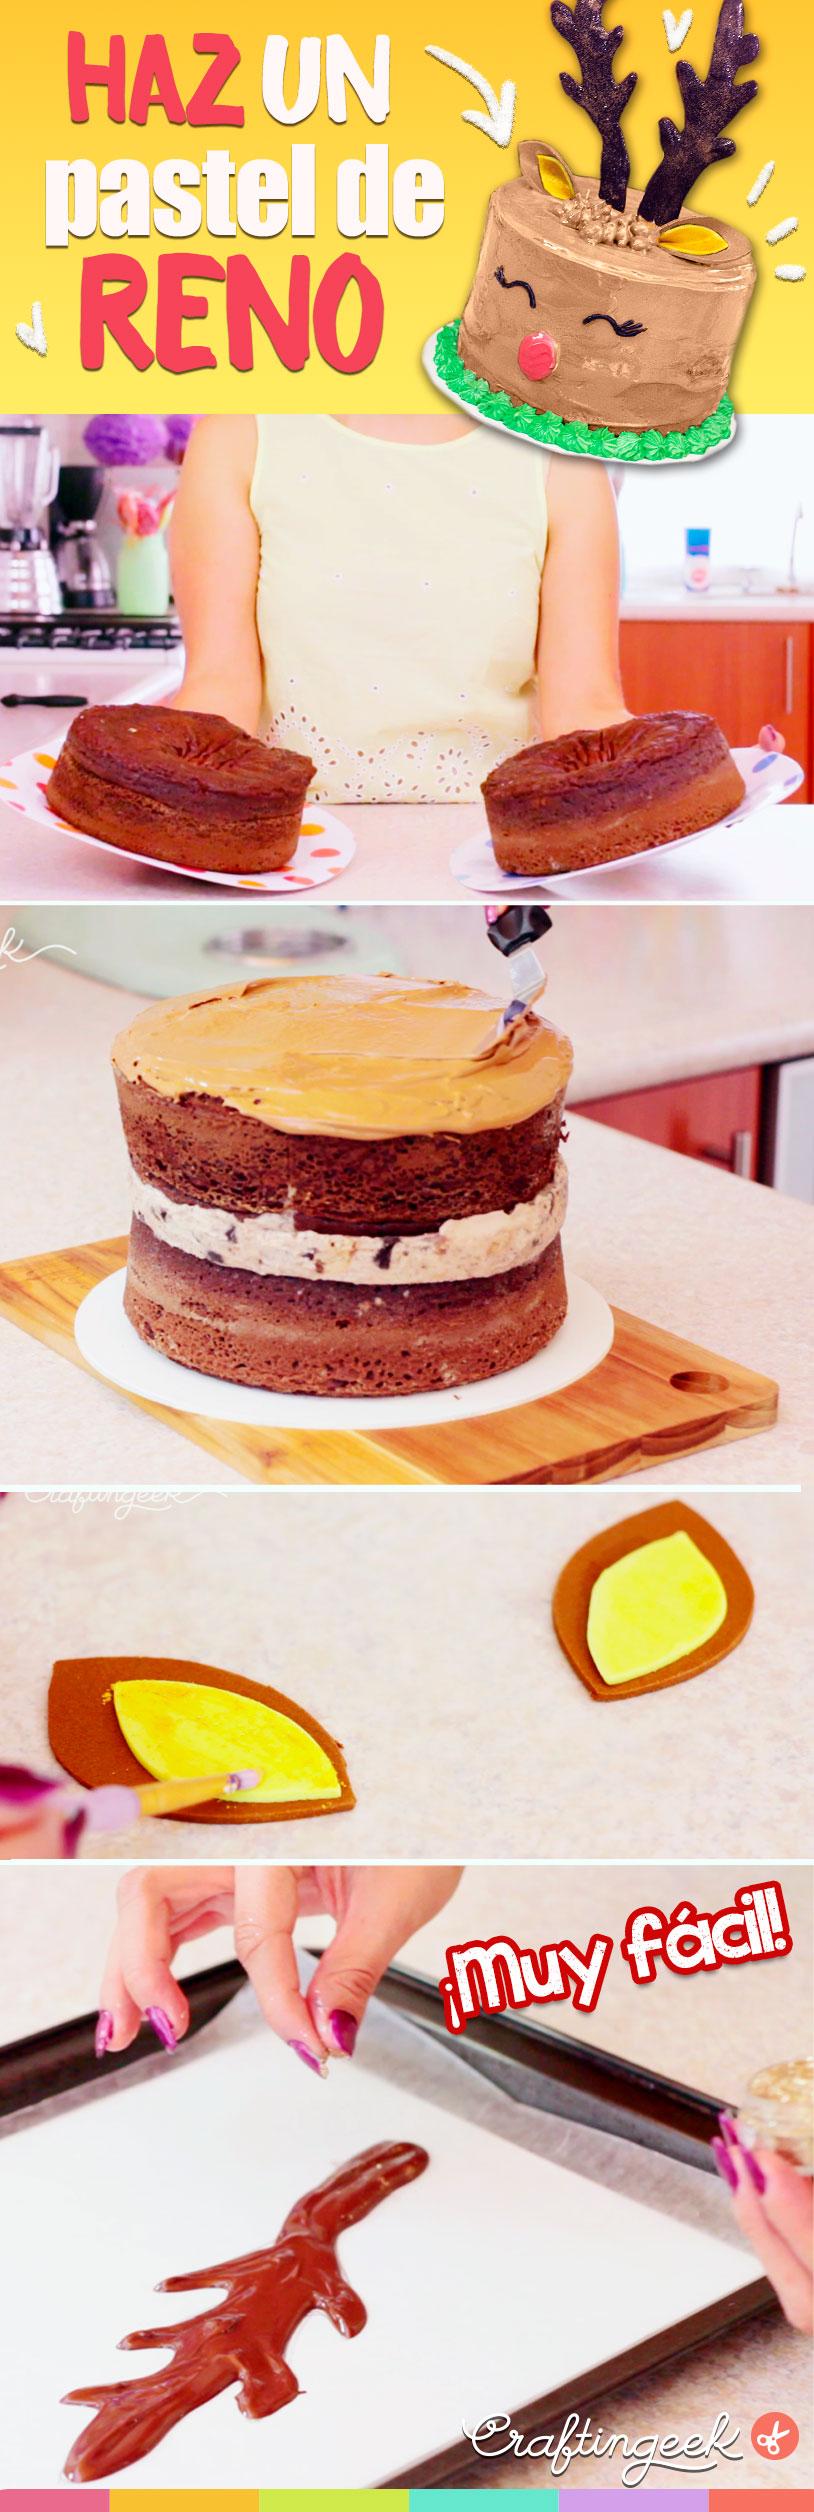 Receta facil pastel de reno para navidad